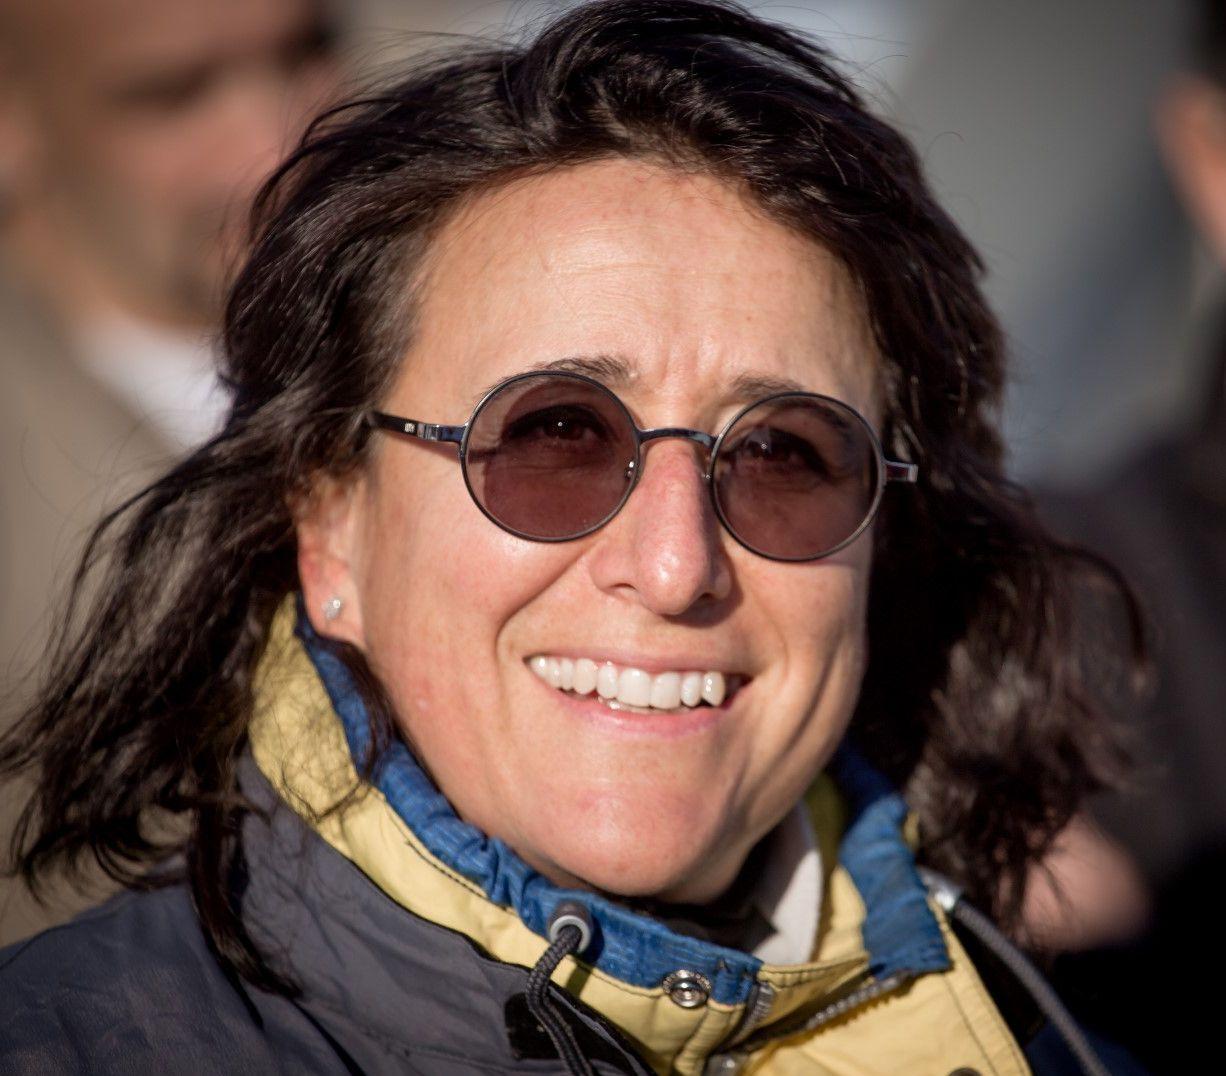 Donatella Ricci appena rientrata dalla missione che le e' valsa il record mondiale